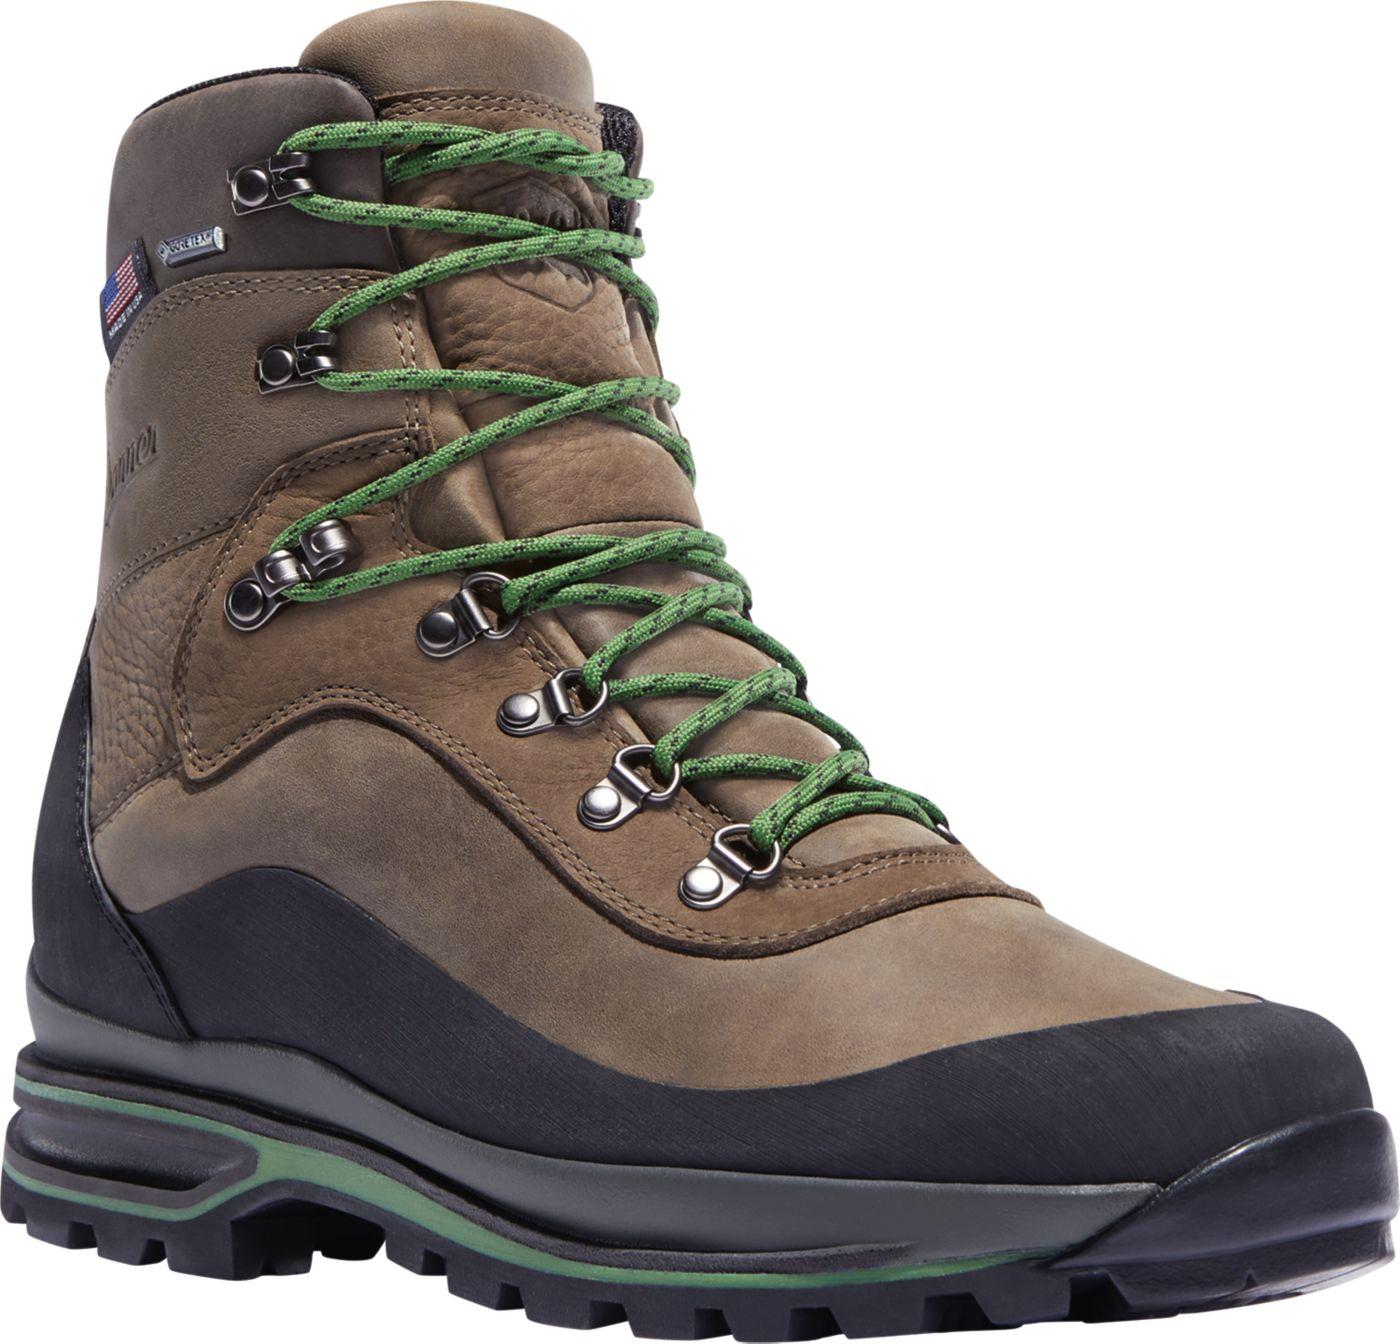 Danner Men's Crag Rat 7'' Waterproof Hiking Boots